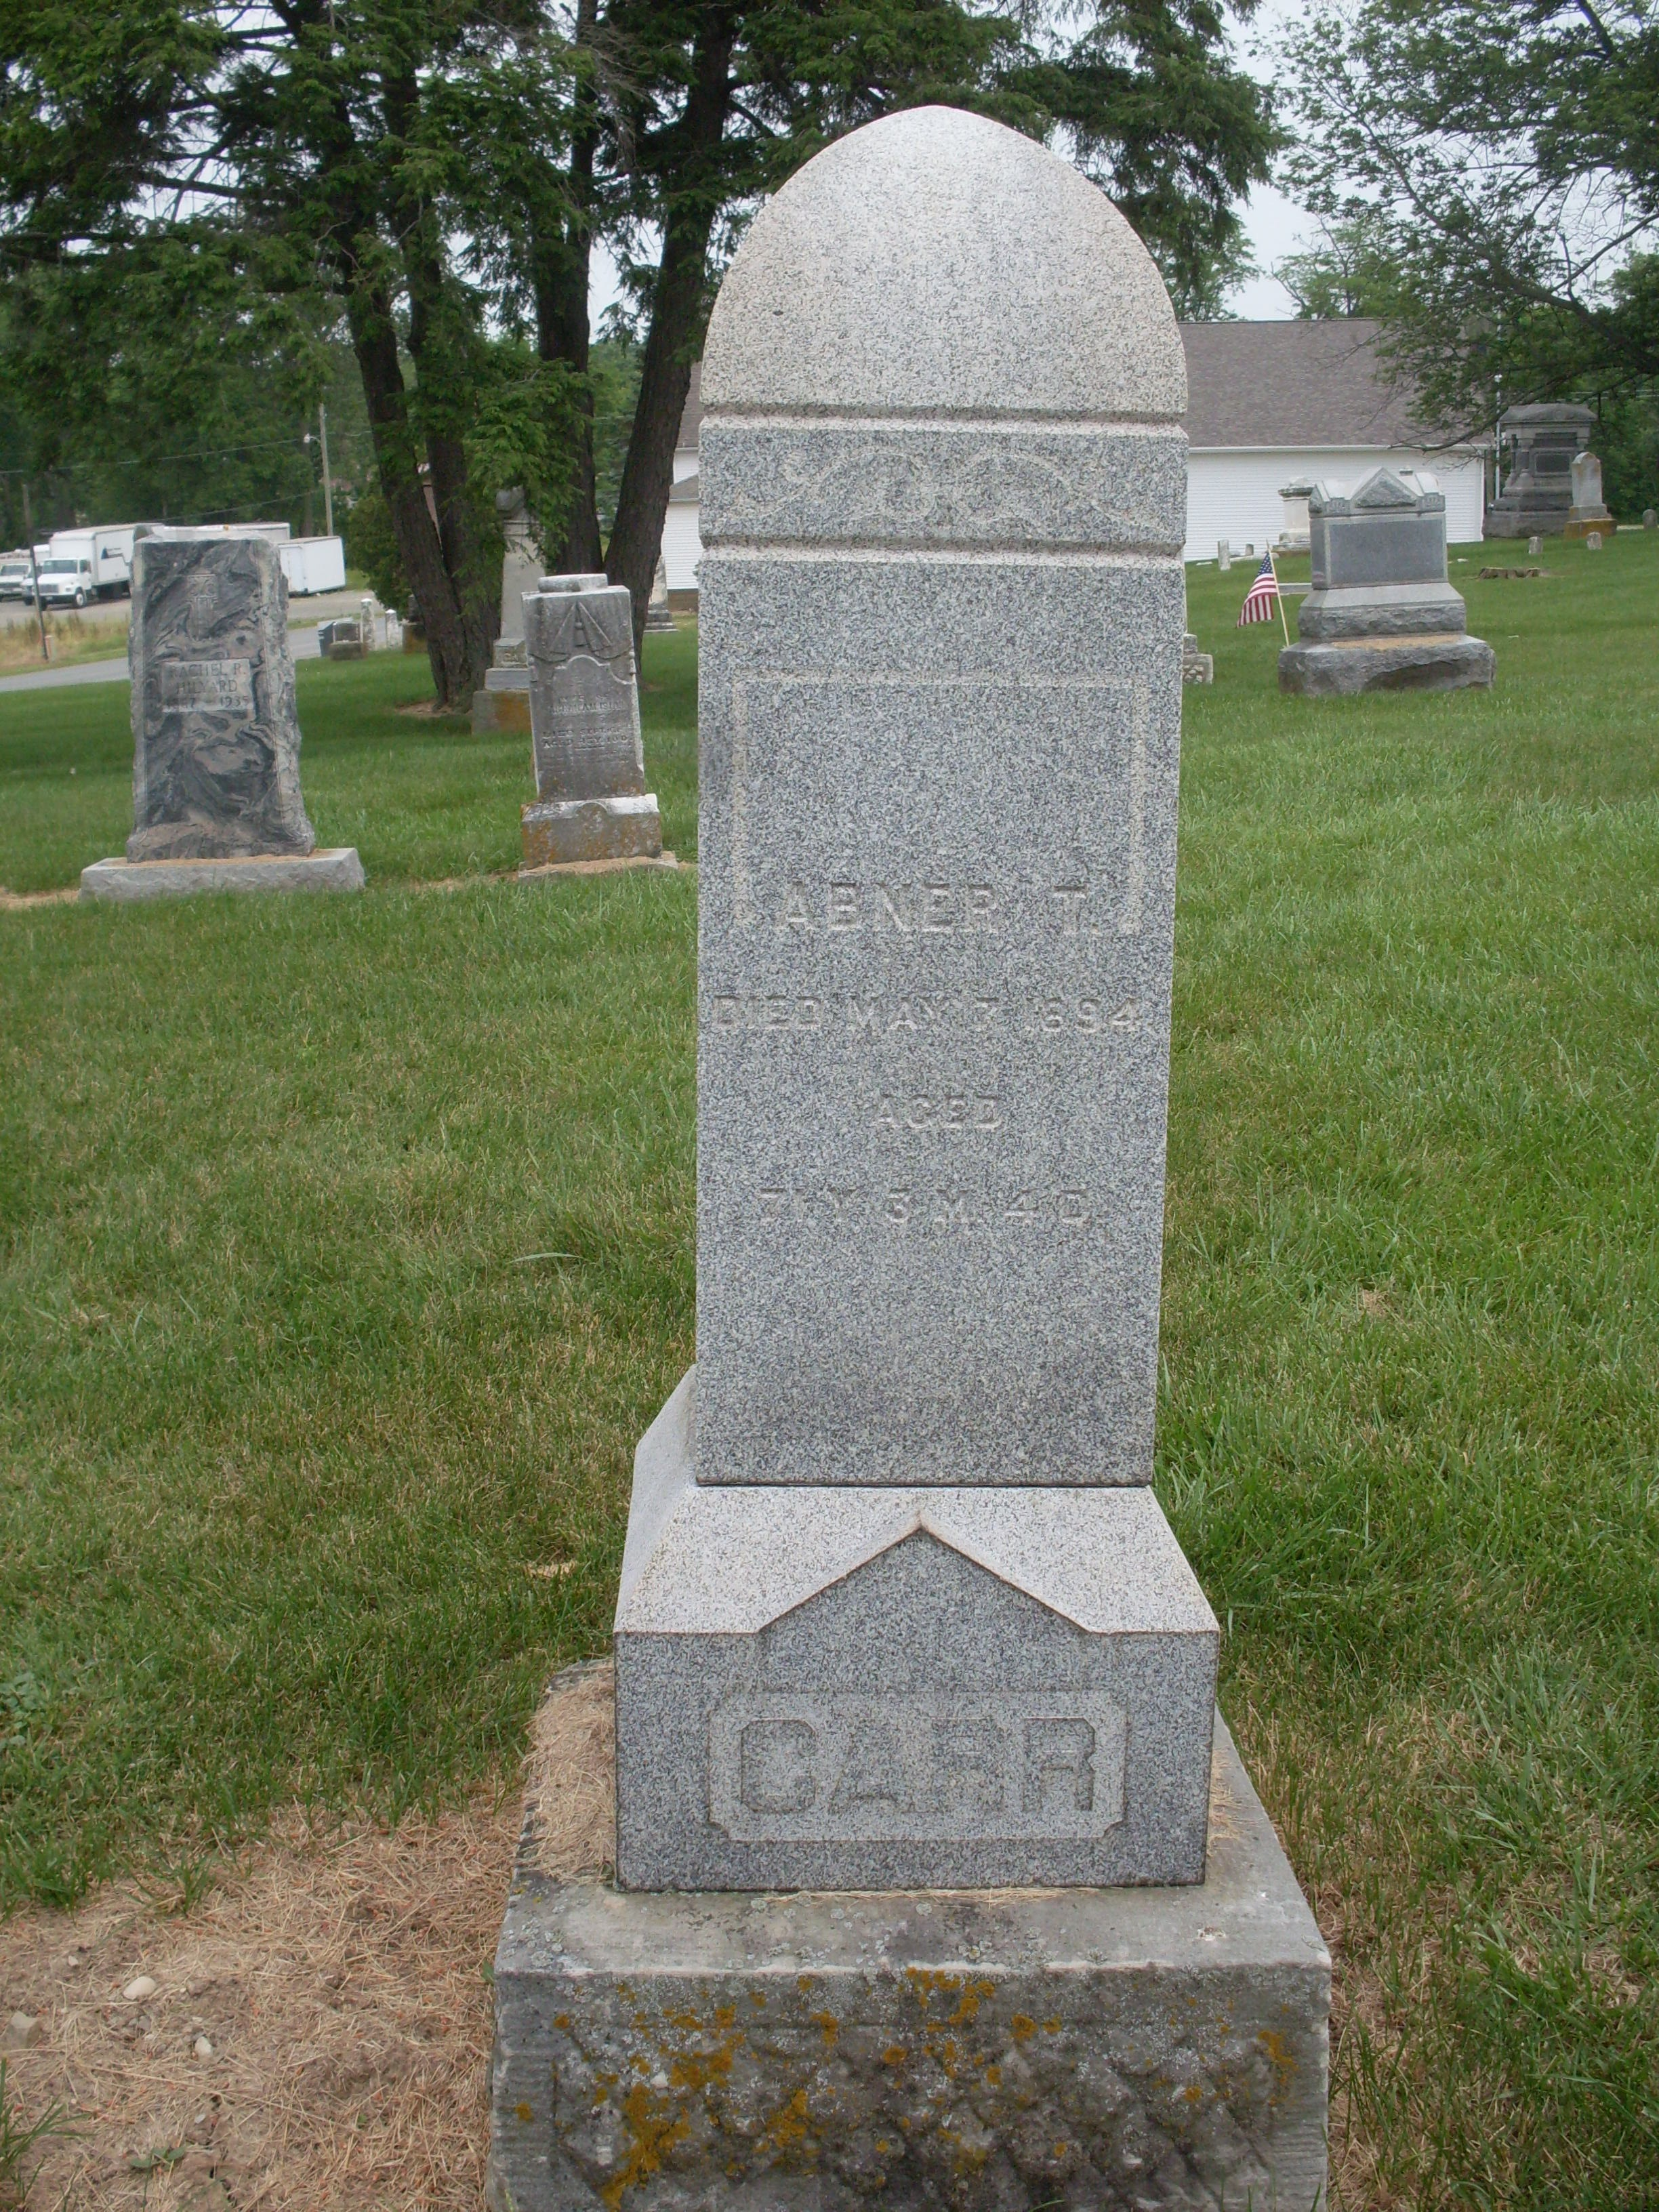 Abner Carr